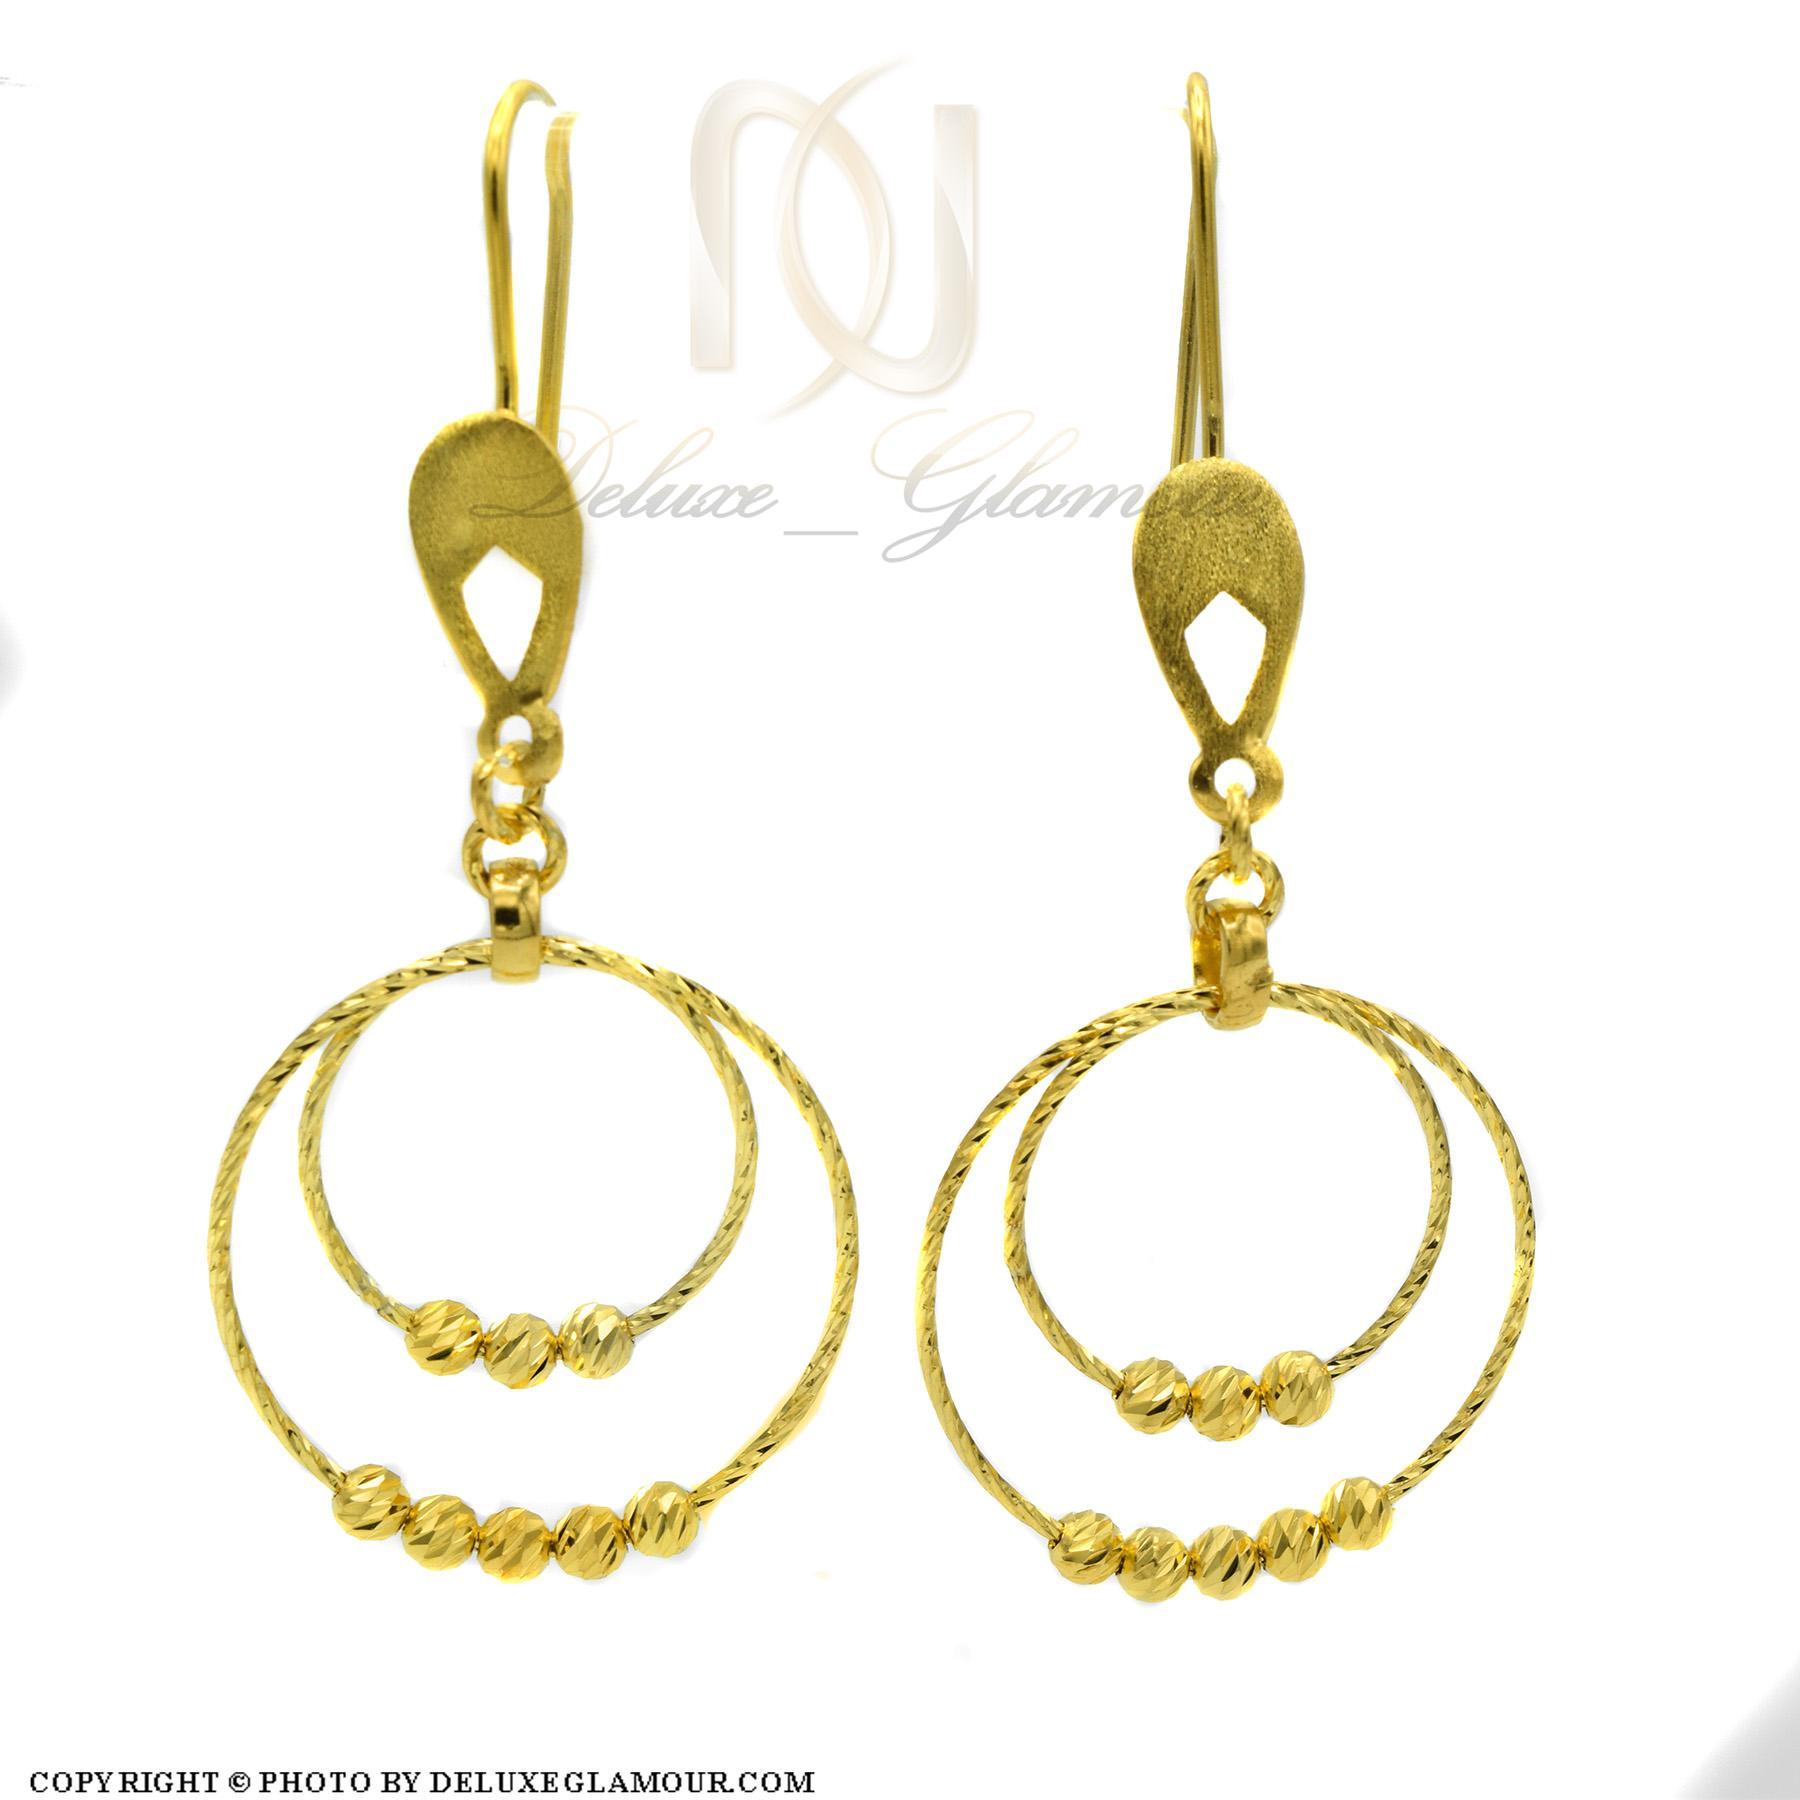 گوشواره نقره زنانه حلقه بزرگ طلایی er-n170 از نمای سفید